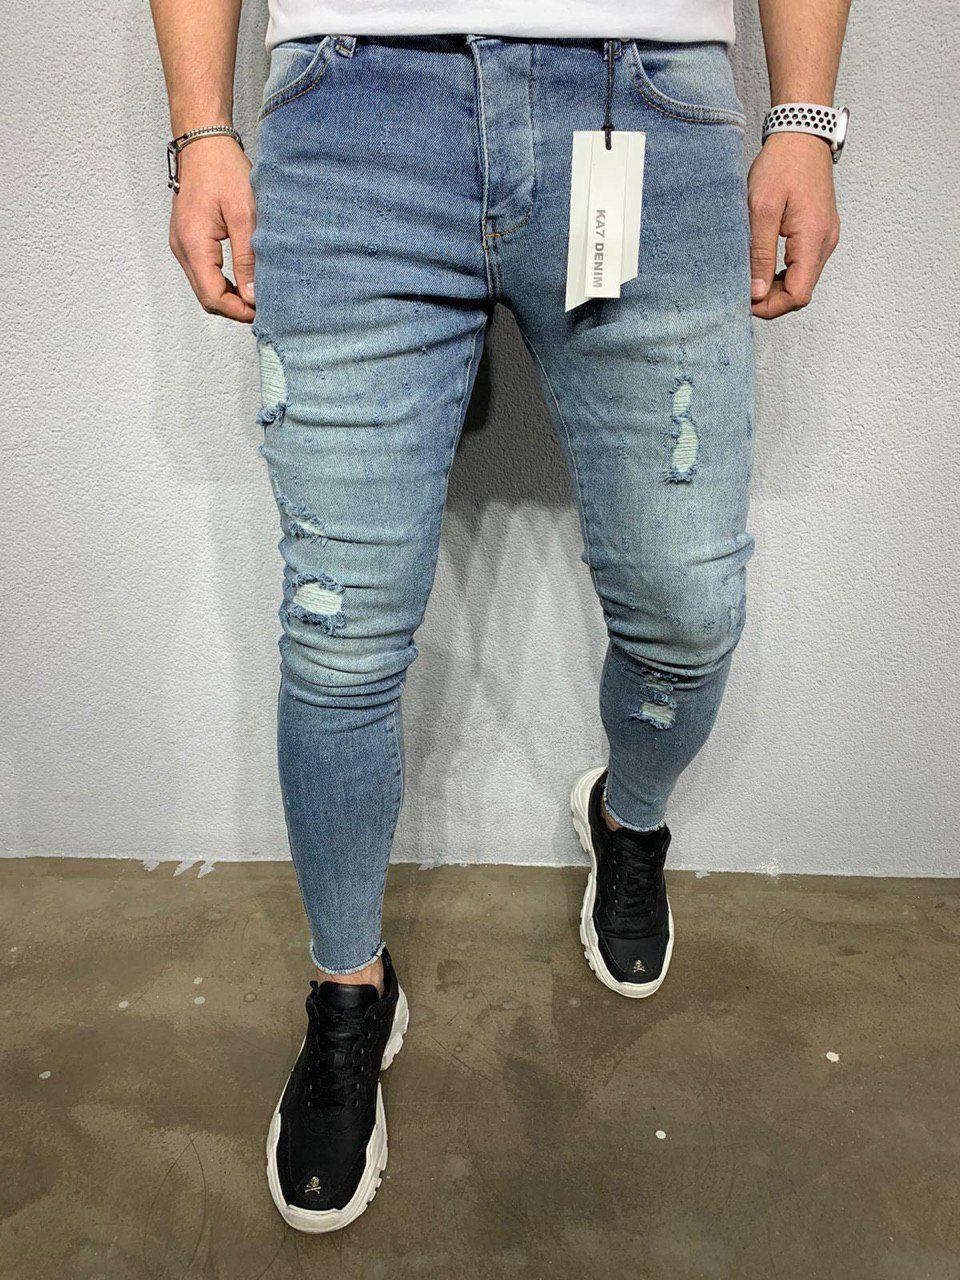 😝 Джинсы - Мужские синие джинсы с двумя белыми рваными коленями